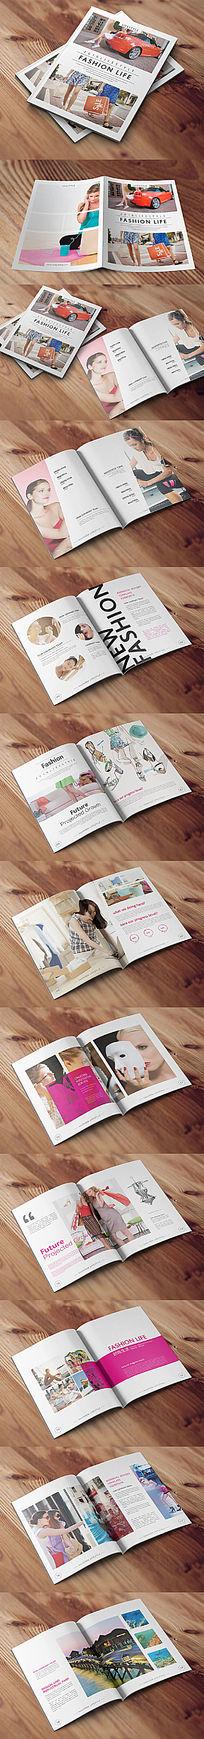 时尚杂志画册